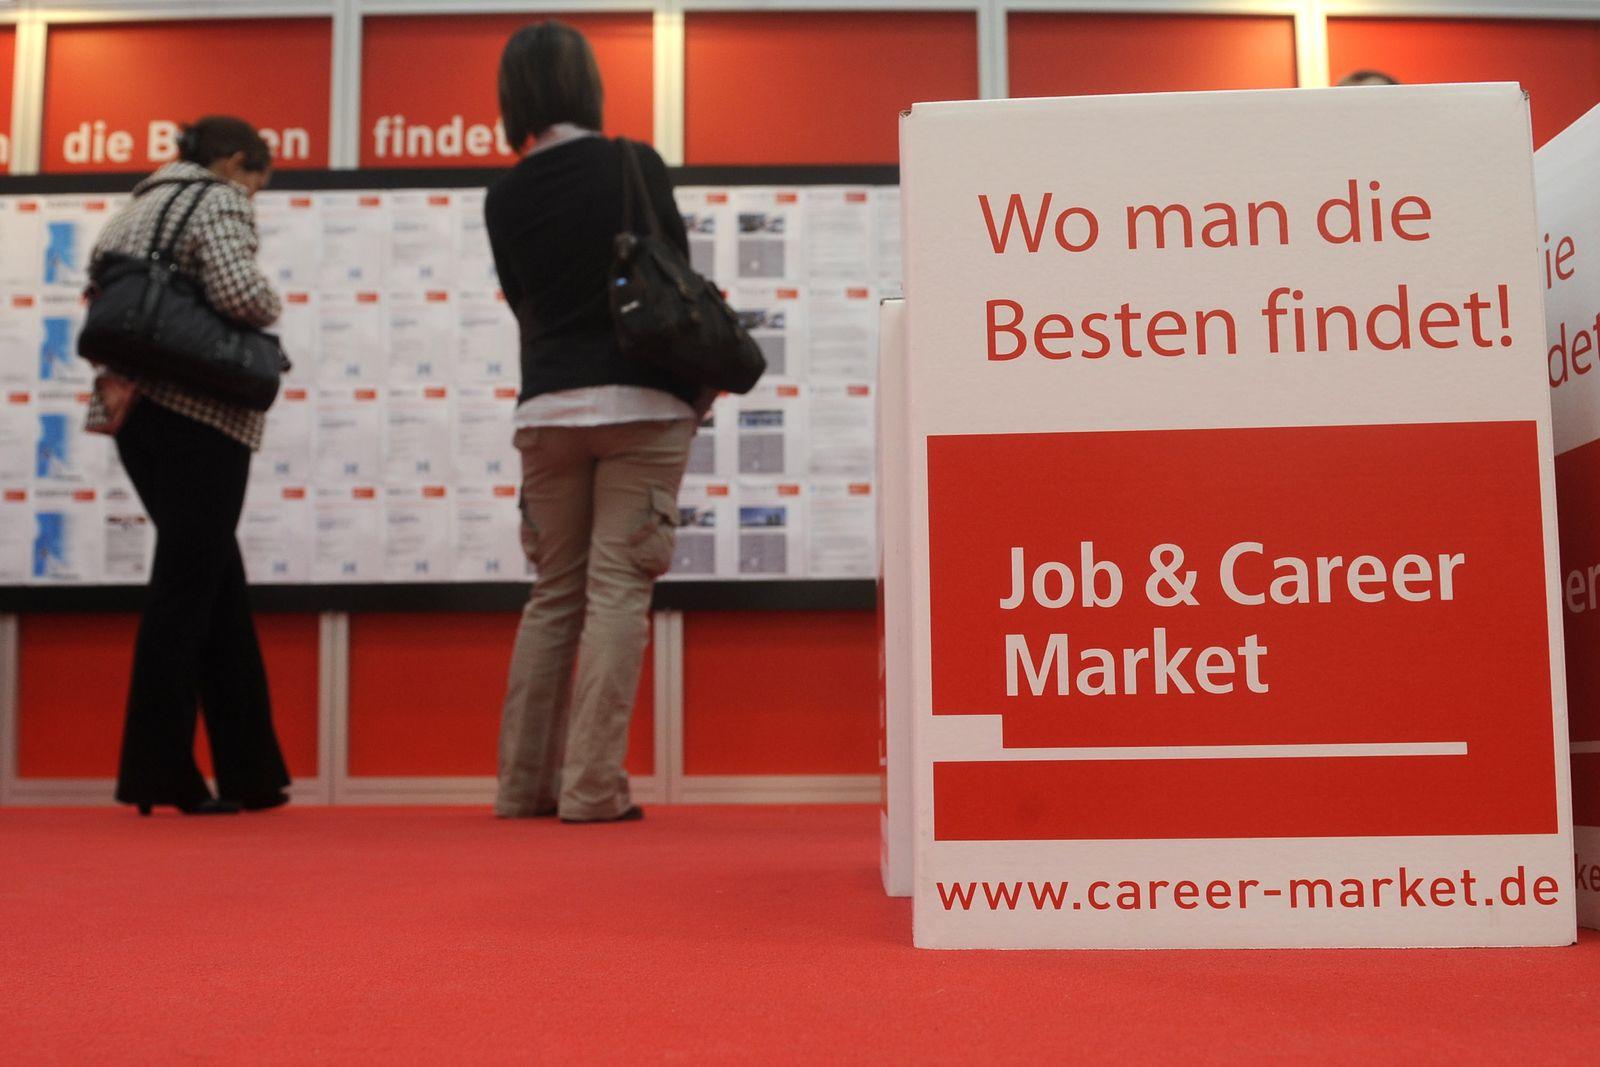 NICHT VERWENDEN Jobmesse / Jobsuche / Arbeitslosigkeit / Arbeitsmarkt